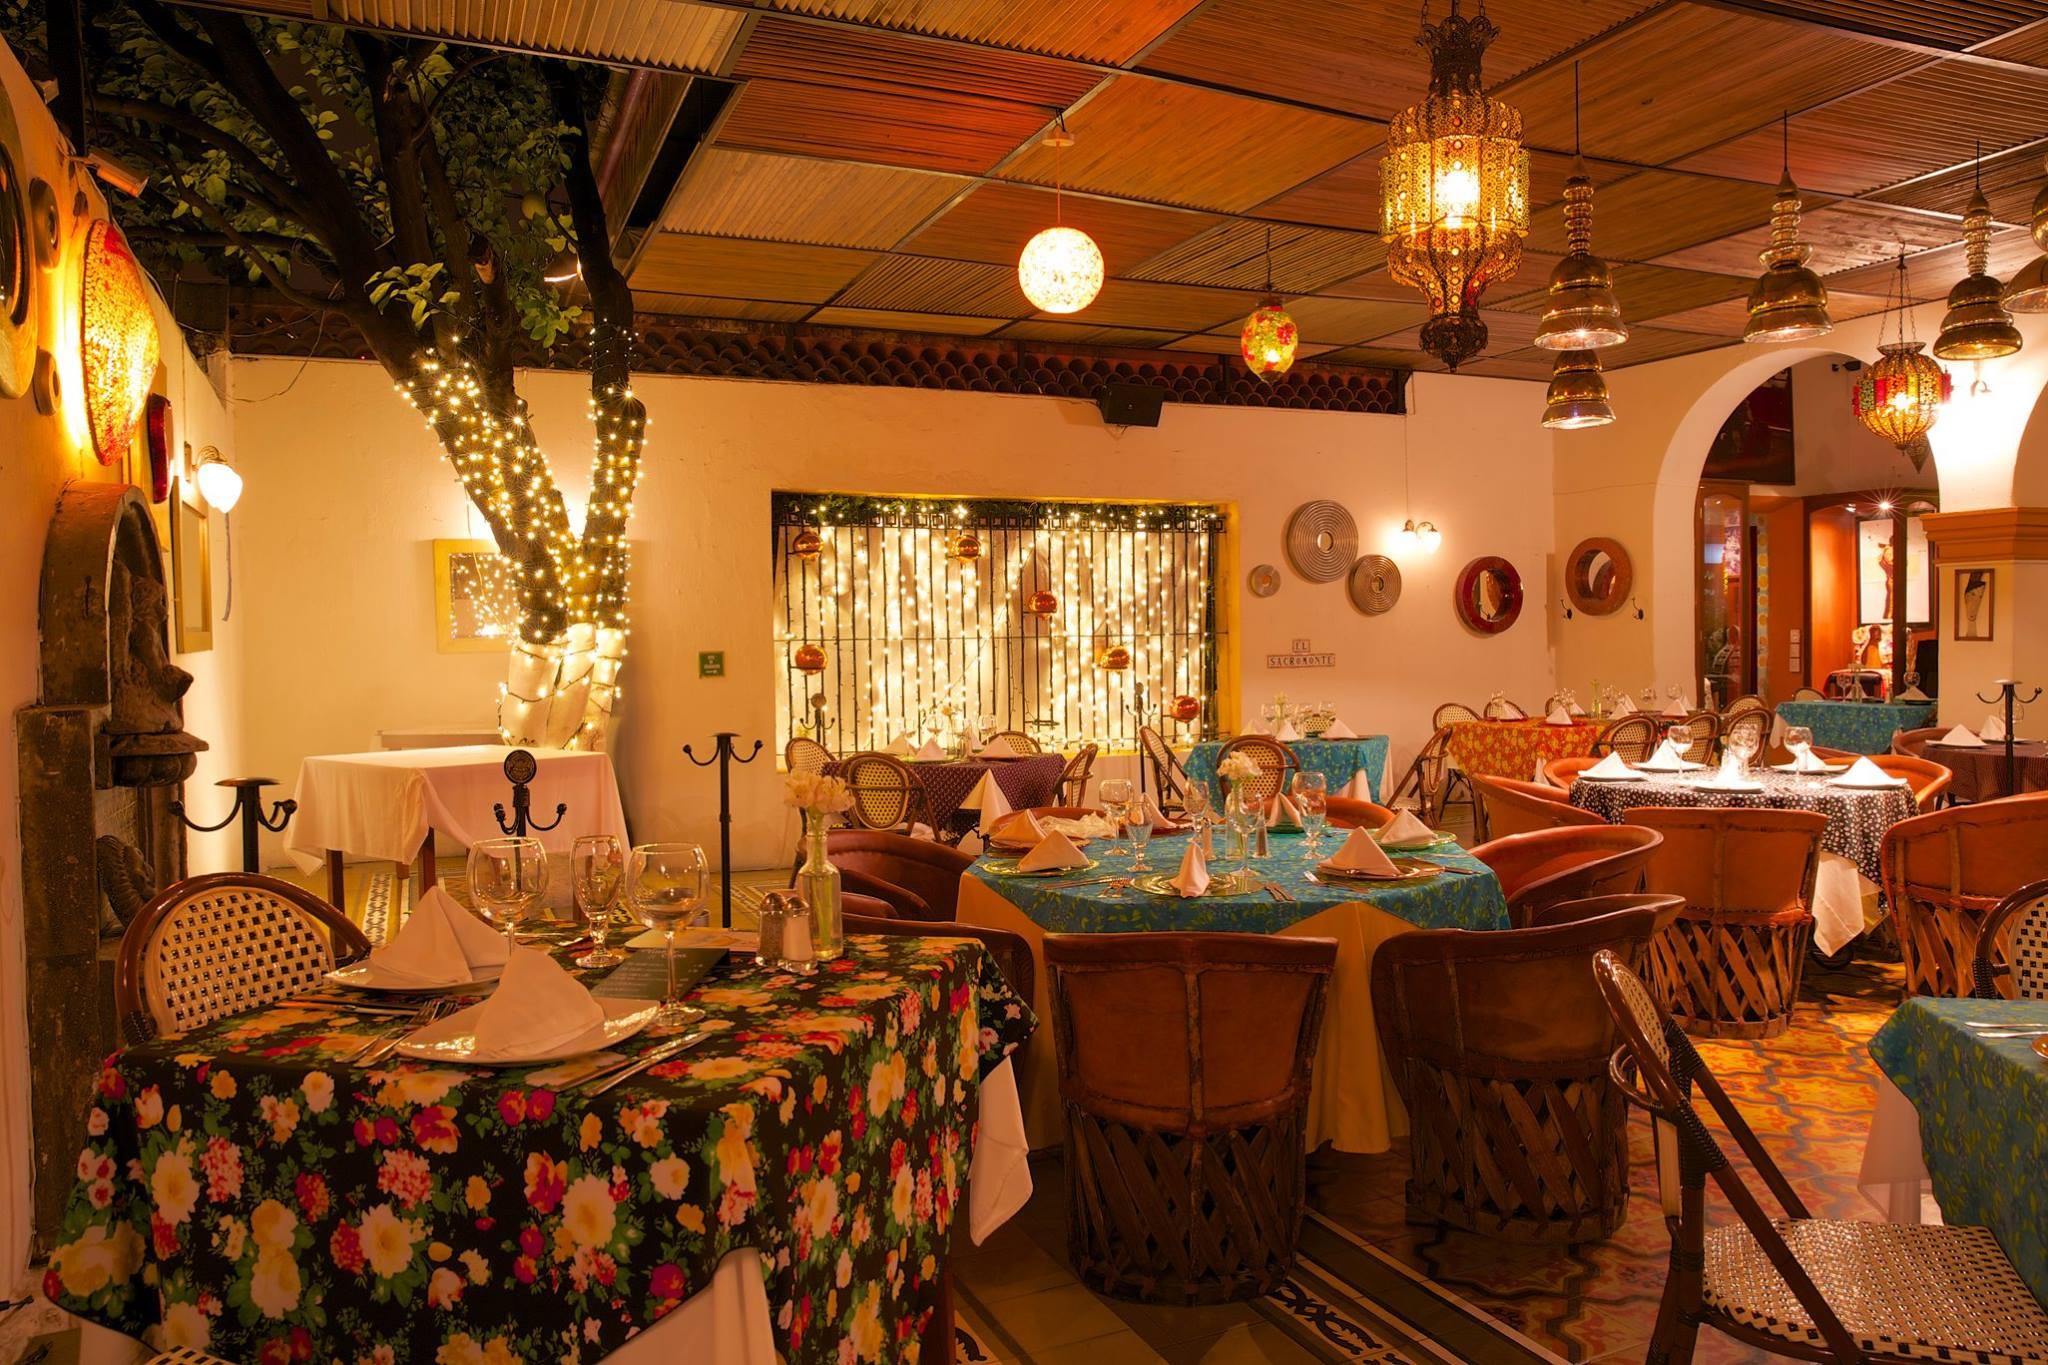 EL SACROMONTE  Calle Pedro Moreno 1398, Guadalajara, México Telefono: +52 33 3825 5447 www.sacromonte.com.mx/